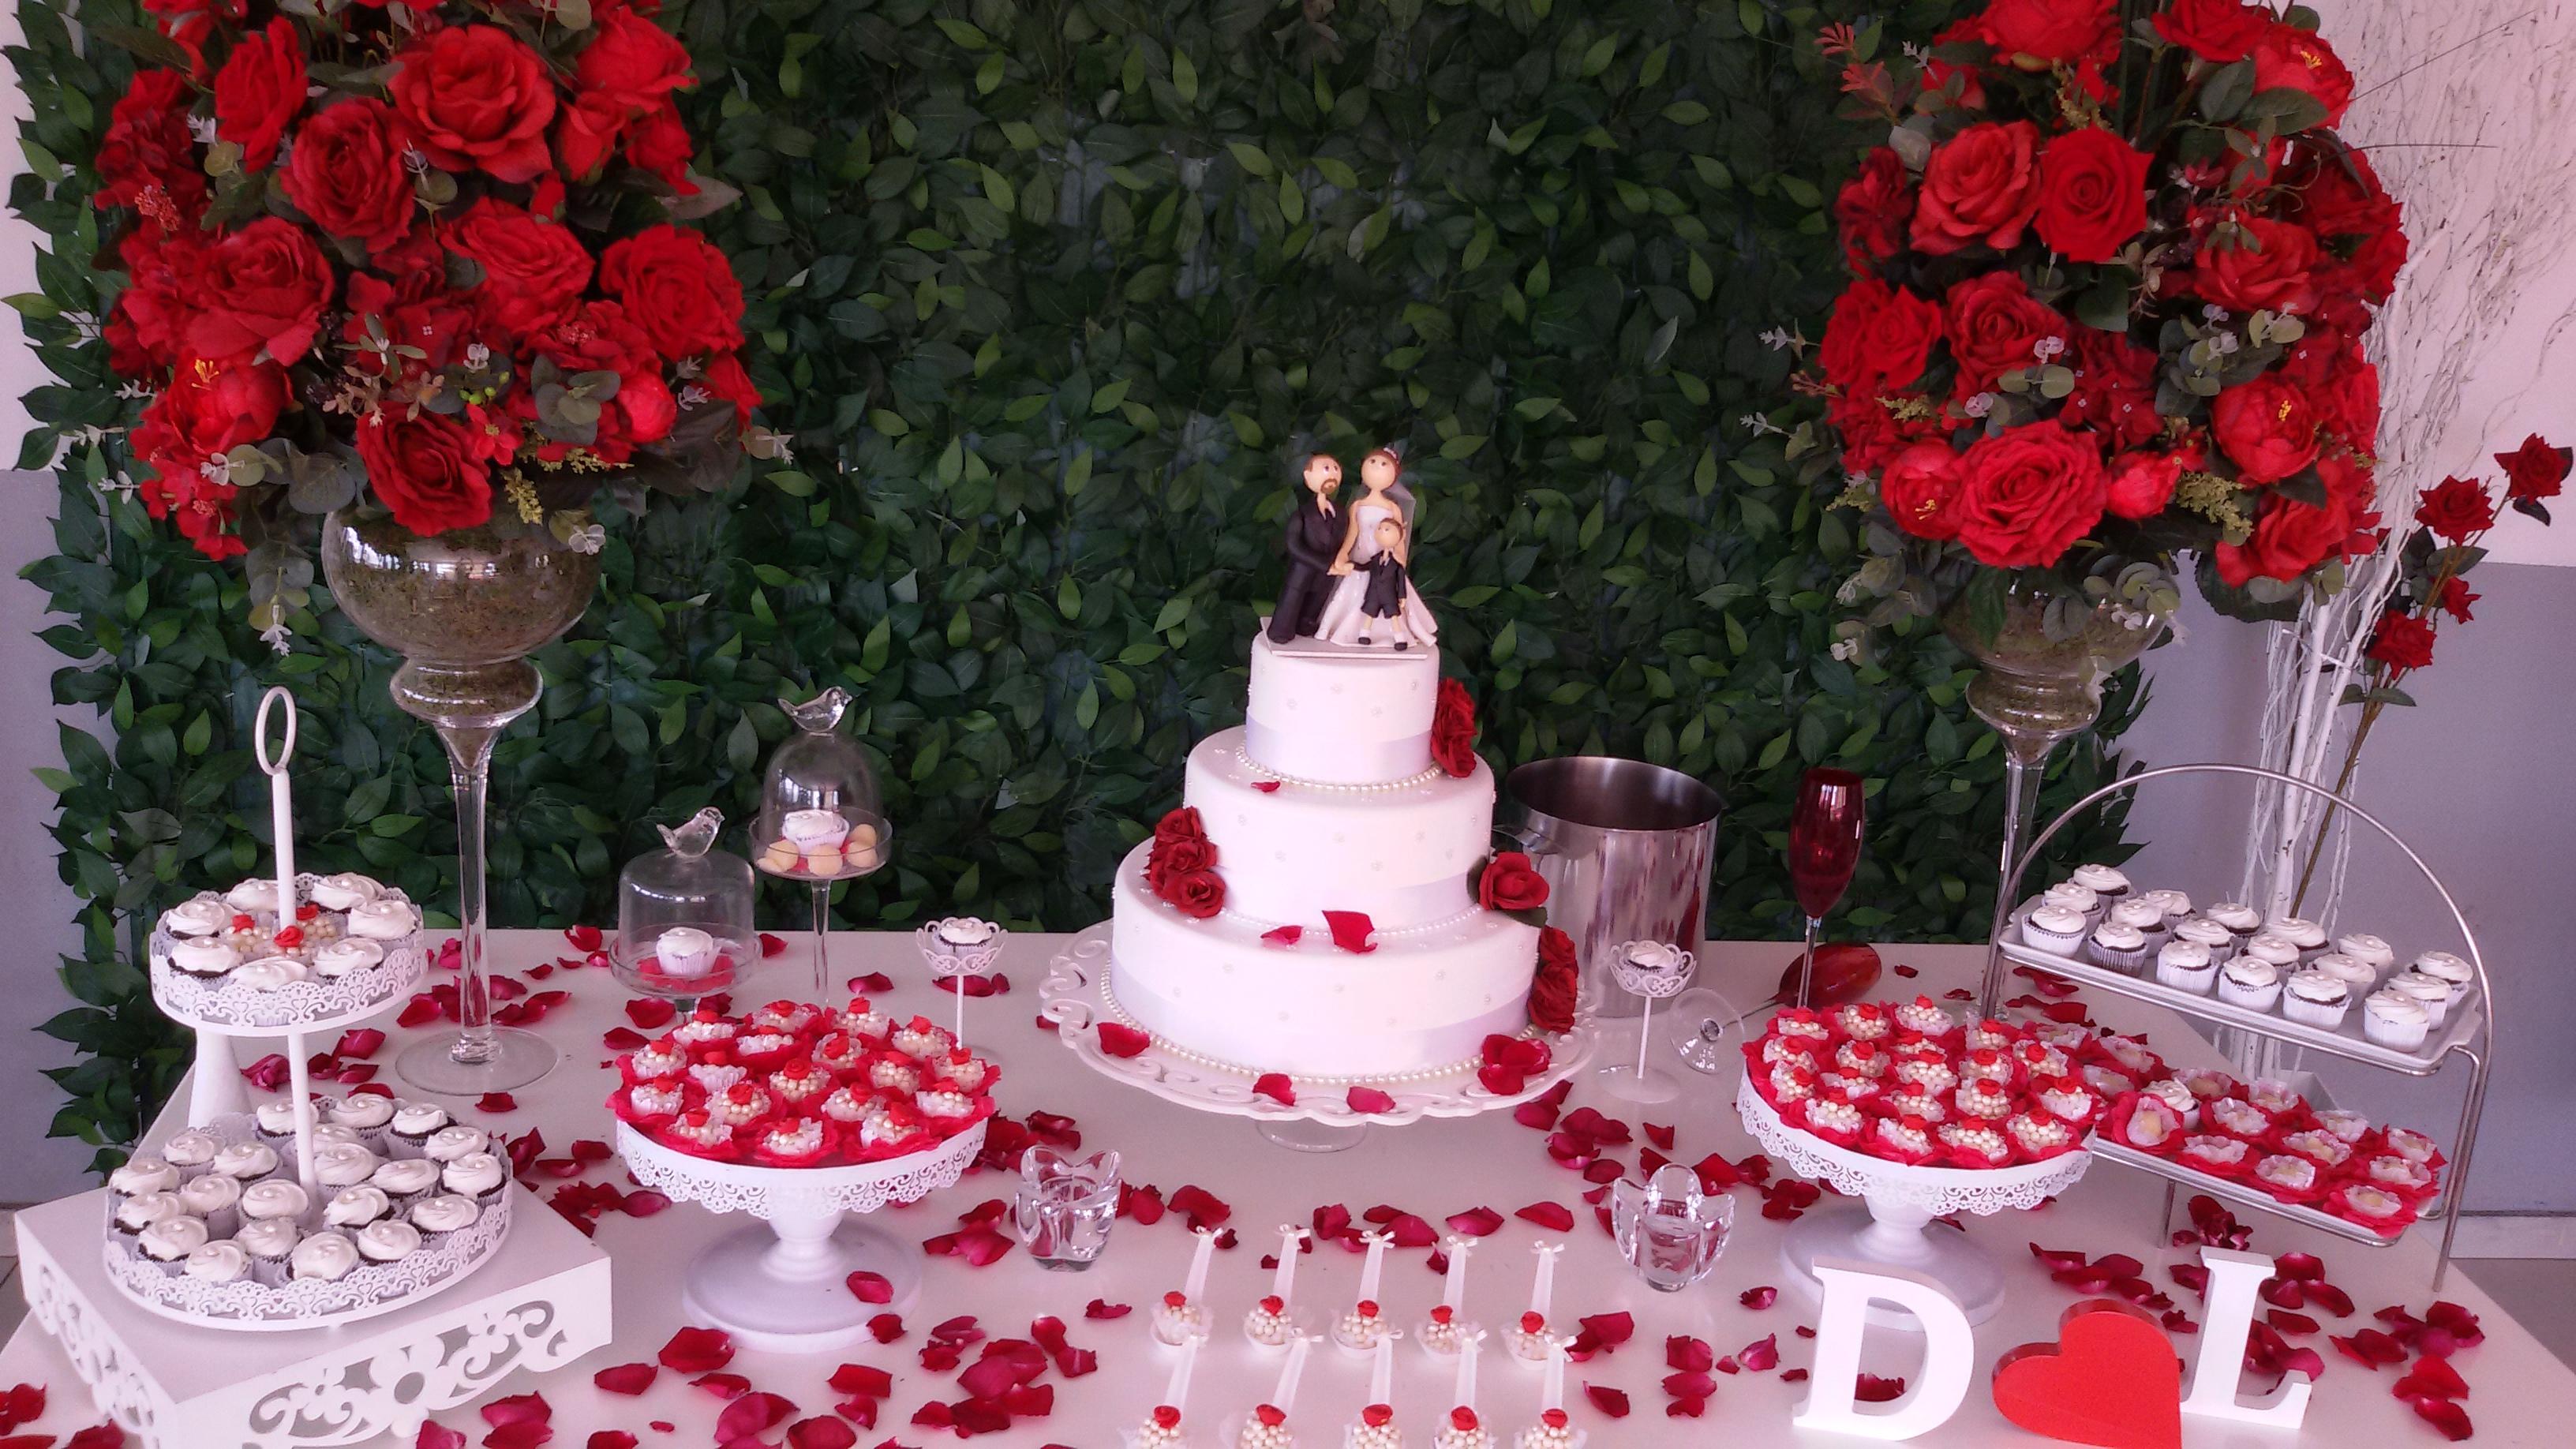 decoracao-de-casamento-vermelho-e-branco-decoracao-de-casamento.jpg